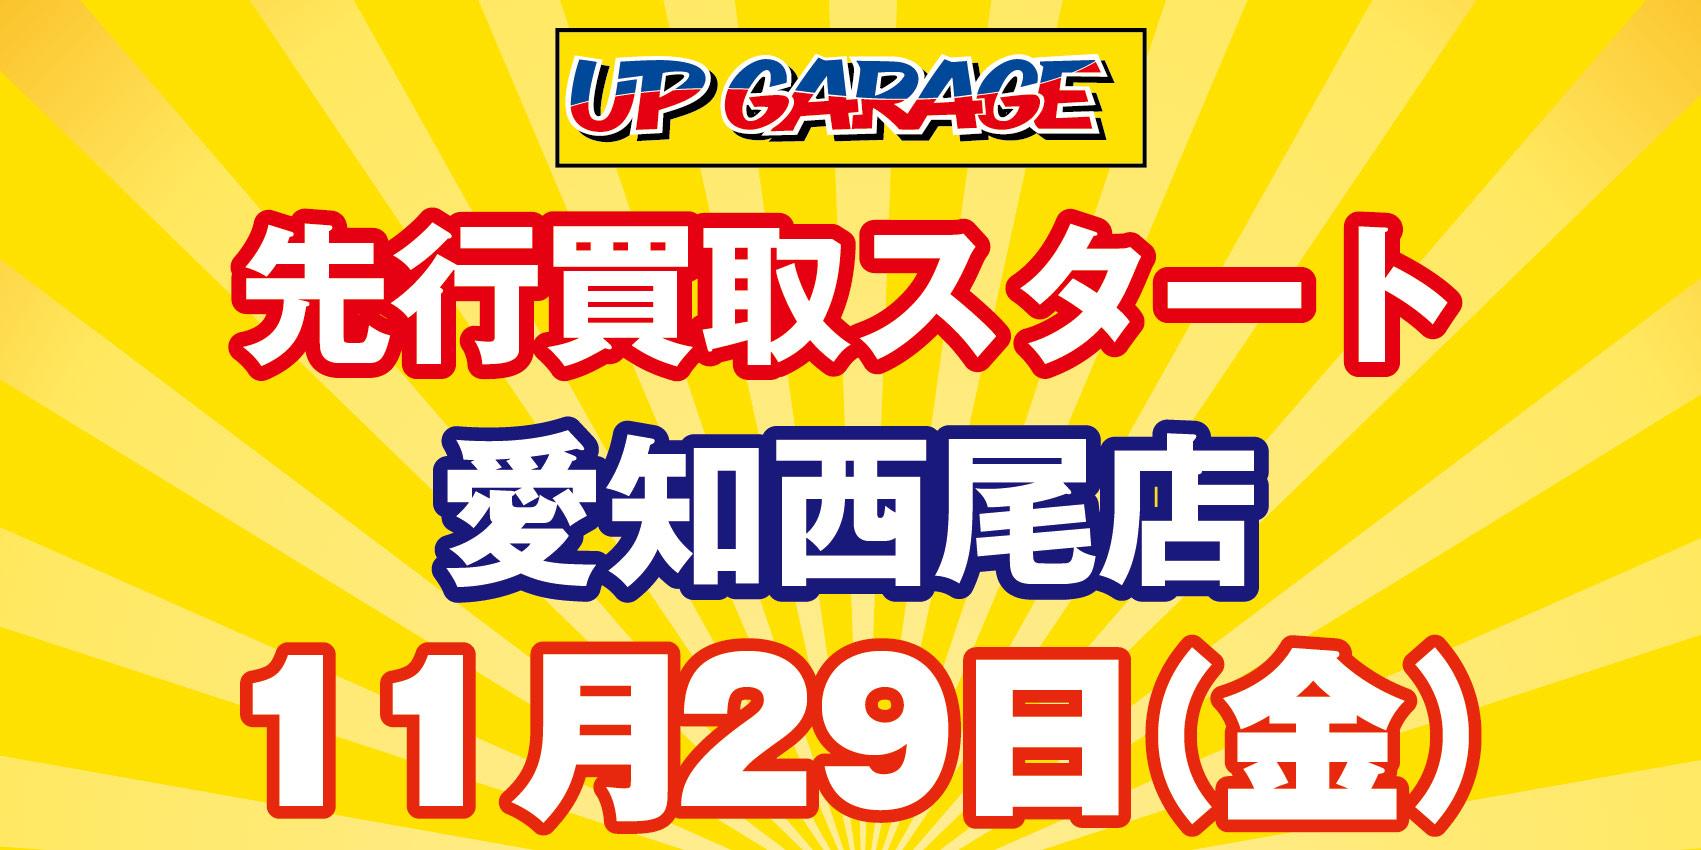 【愛知西尾店】先行買取スタート!